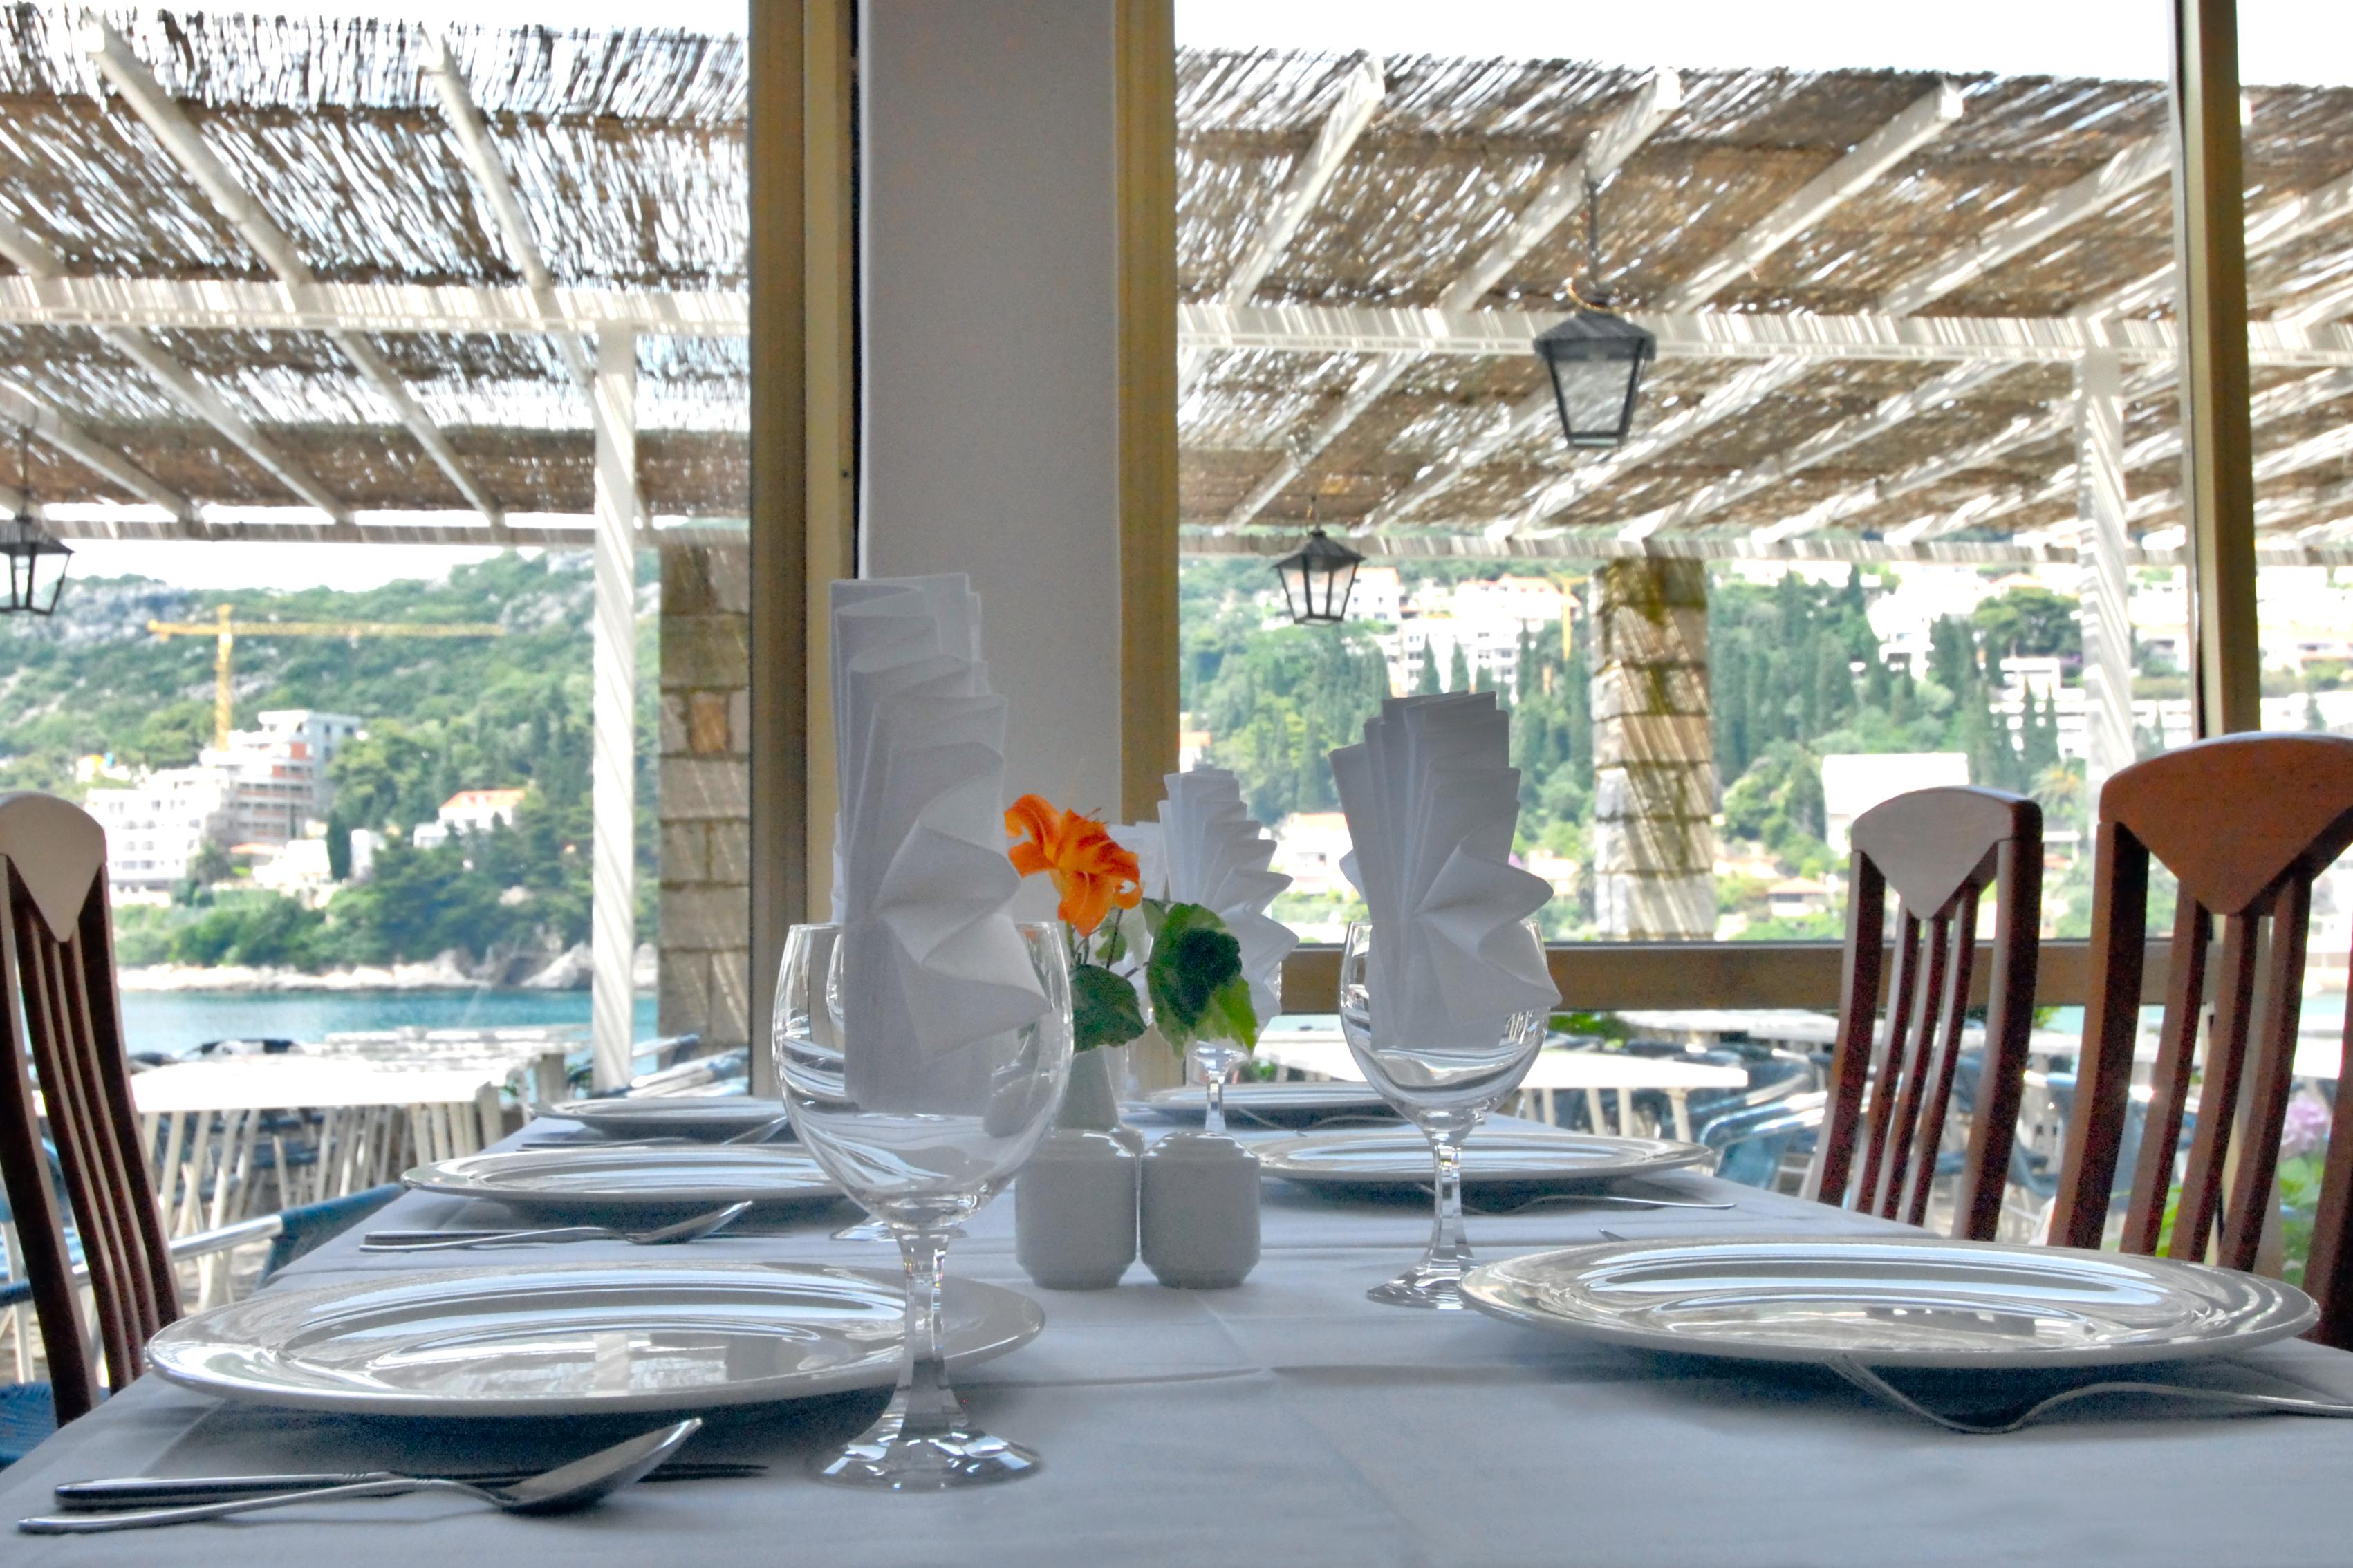 vis-hotel-dubrovnik-restaurant-table-set